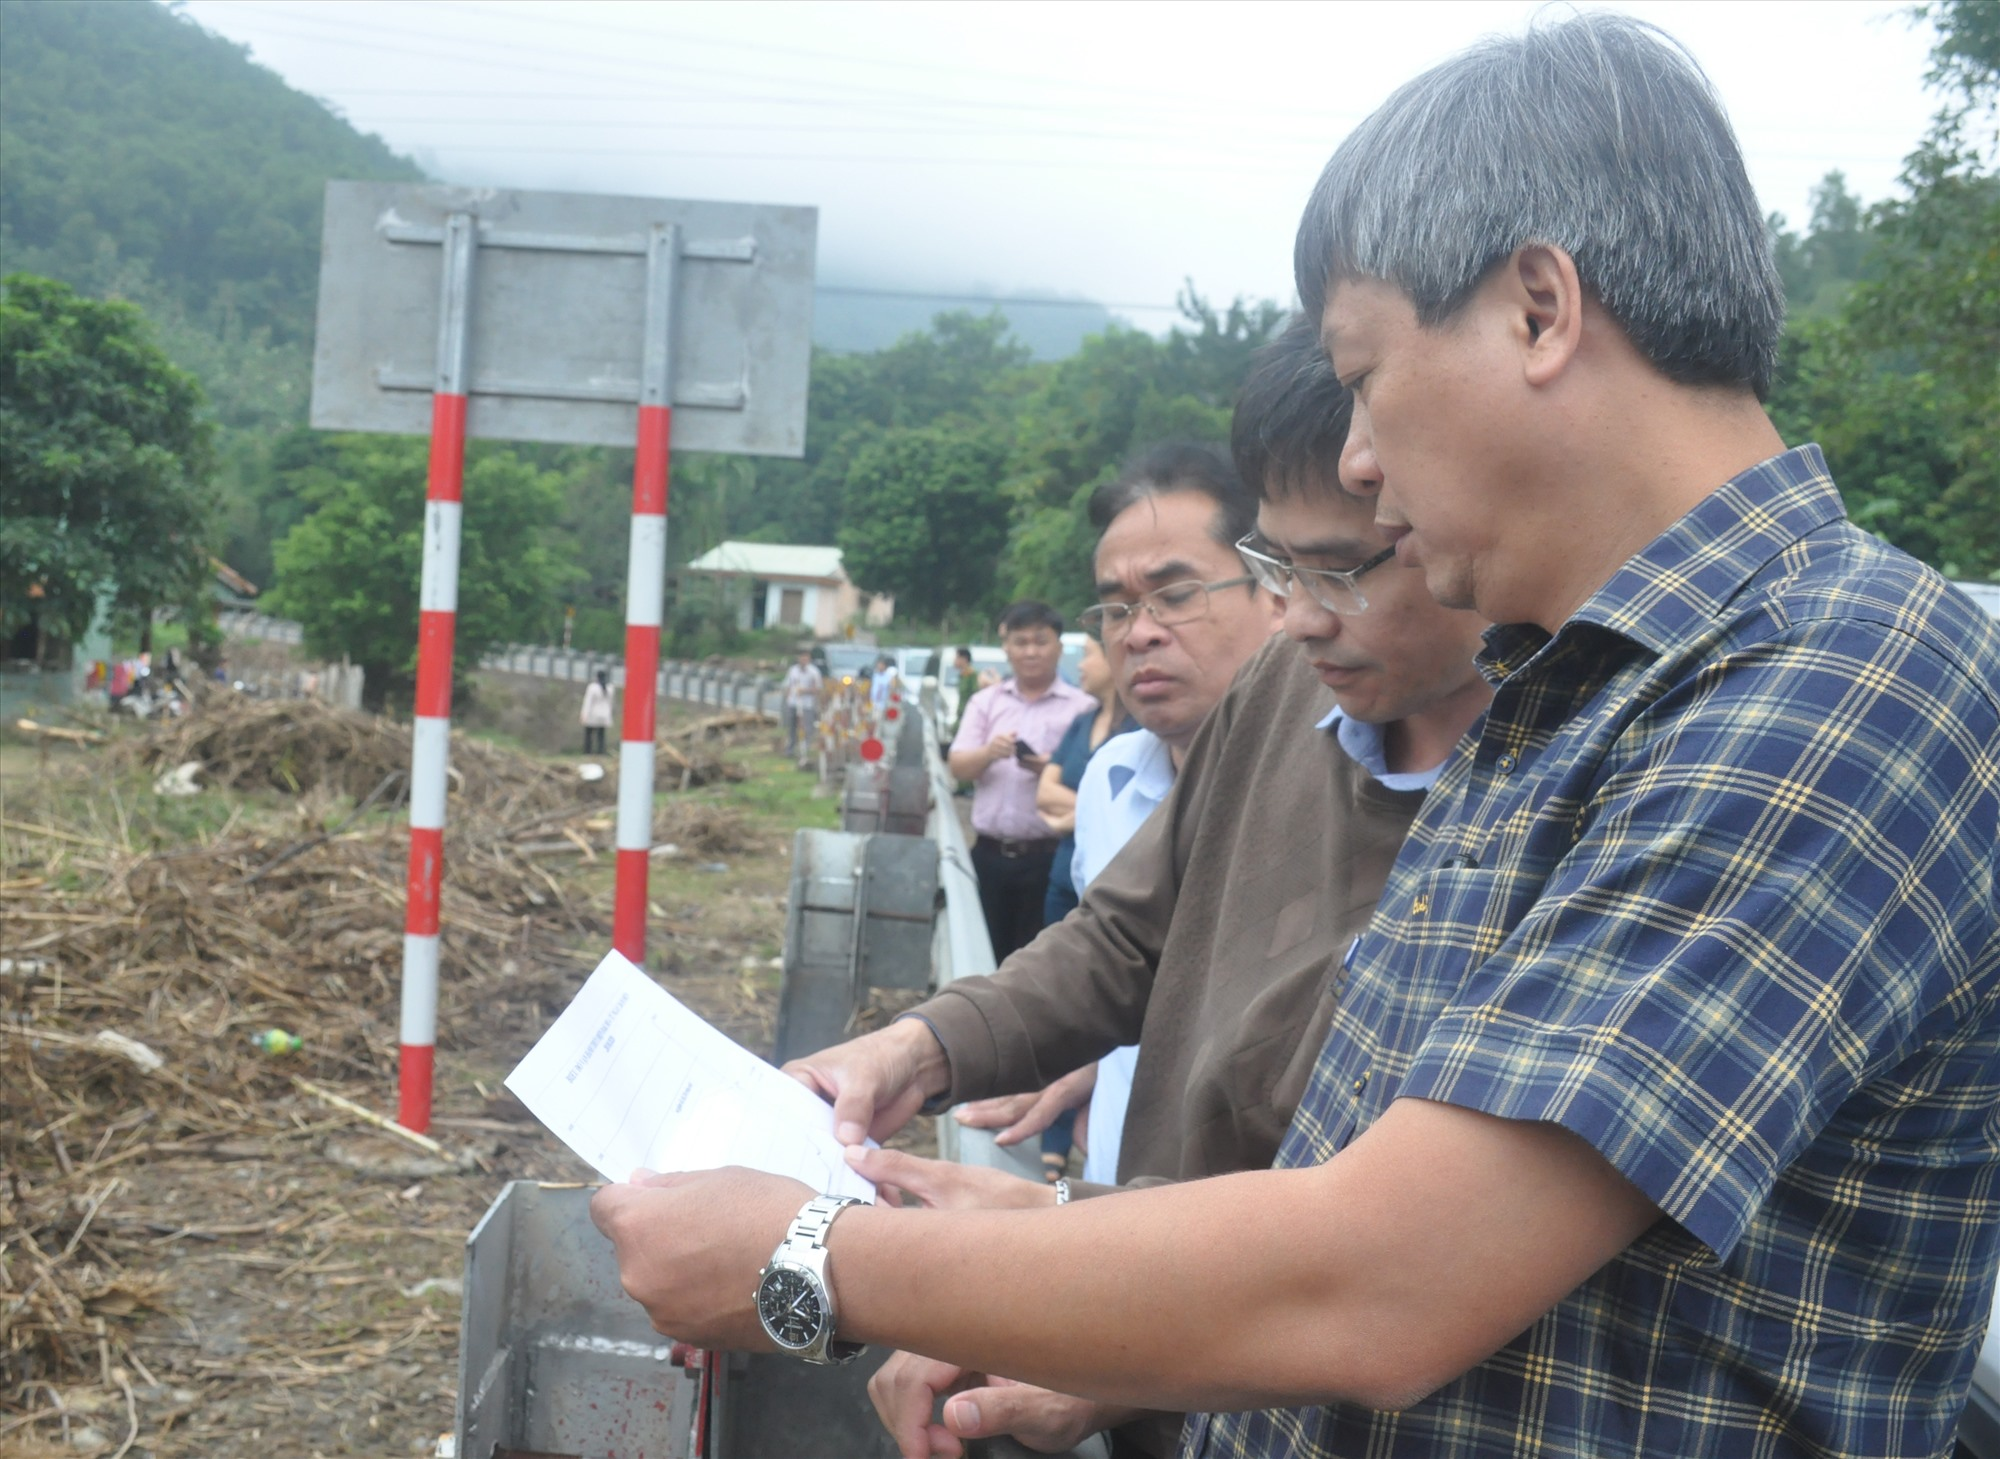 Phó Chủ tịch UBND tỉnh Hồ Quang Bửu khảo sát thực tế sau khi thủy điện Đắk Mi 4 xả lũ gây ngập úng, thiệt hại tài sản nặng nề cho người dân xã Cà Dy, thị trấn Thạnh Mỹ (Nam Giang) cuối năm 2020. Ảnh: N.Đ